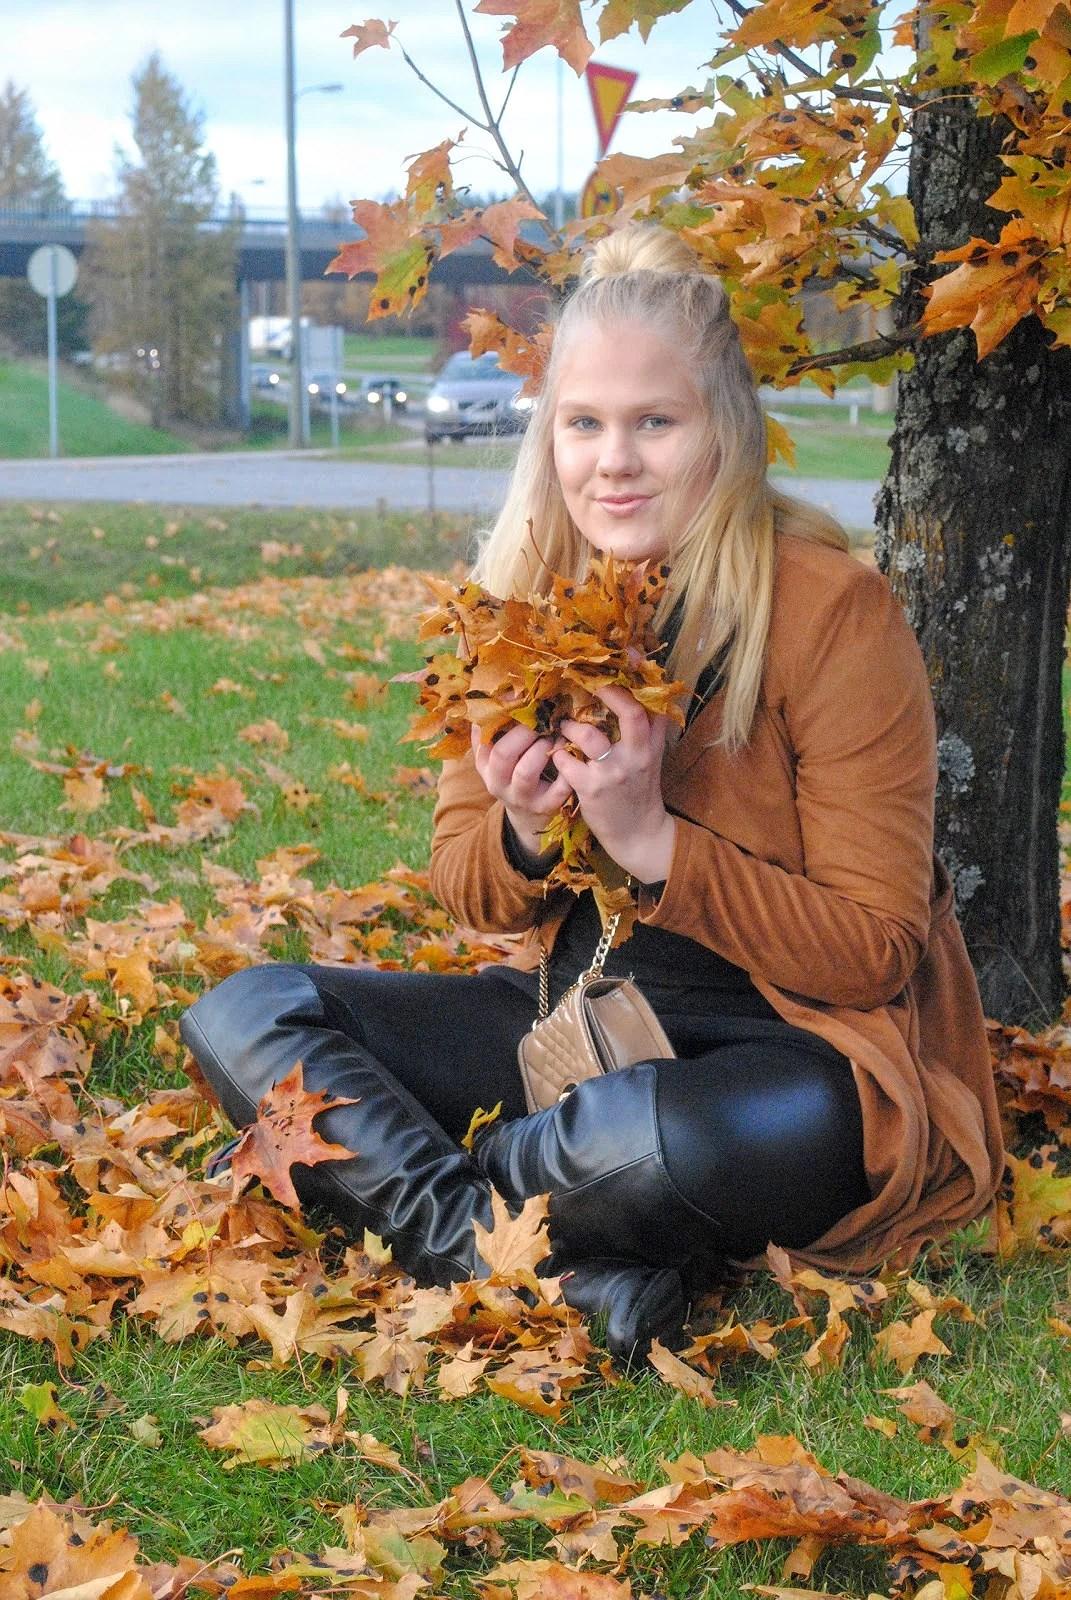 9 HYVÄÄ SYYTÄ OLLA JUST NYT ONNELLINEN